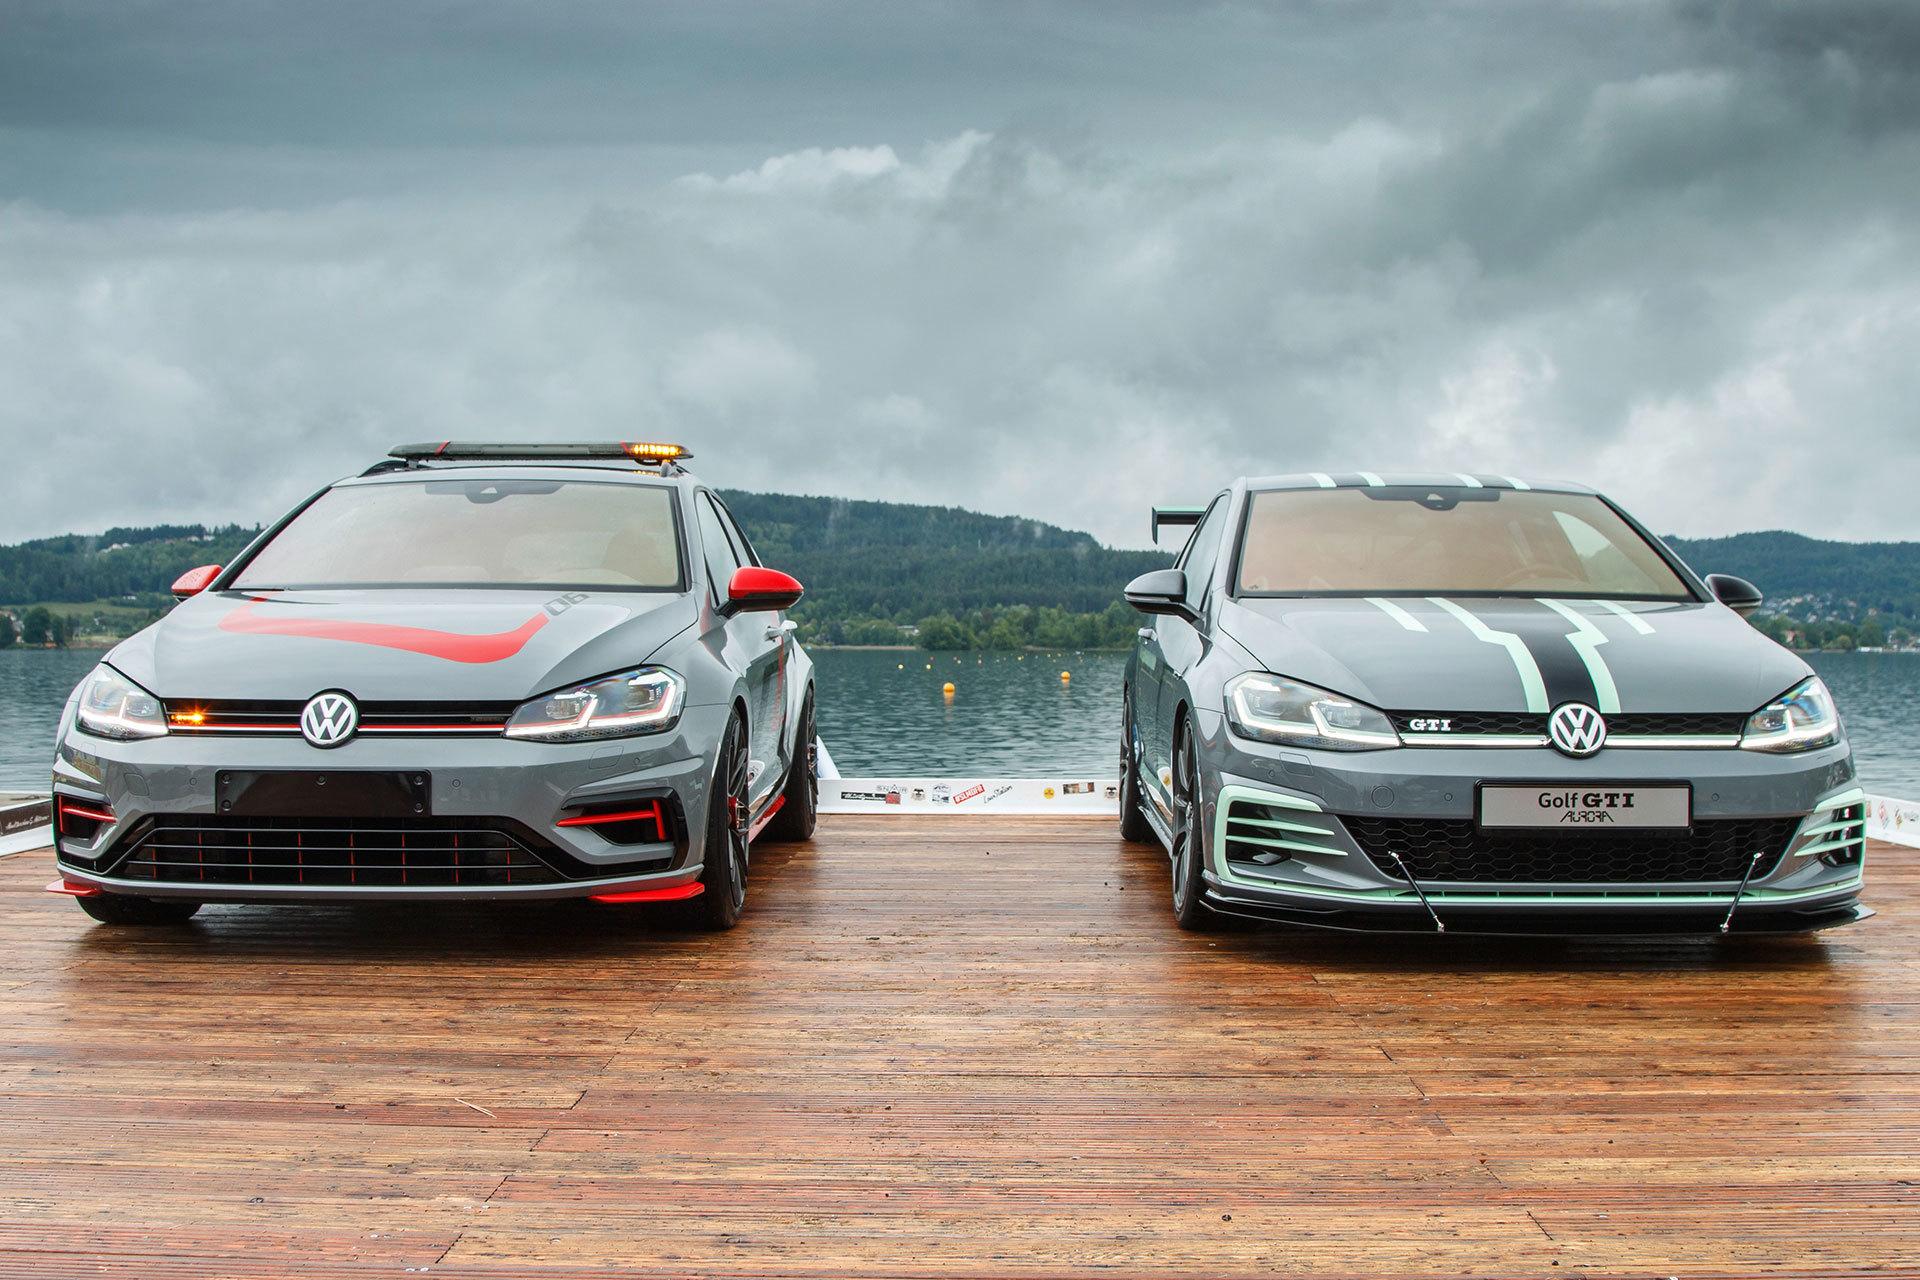 Volkswagen Golf Gti Aurora Estate Fighter 2019 03